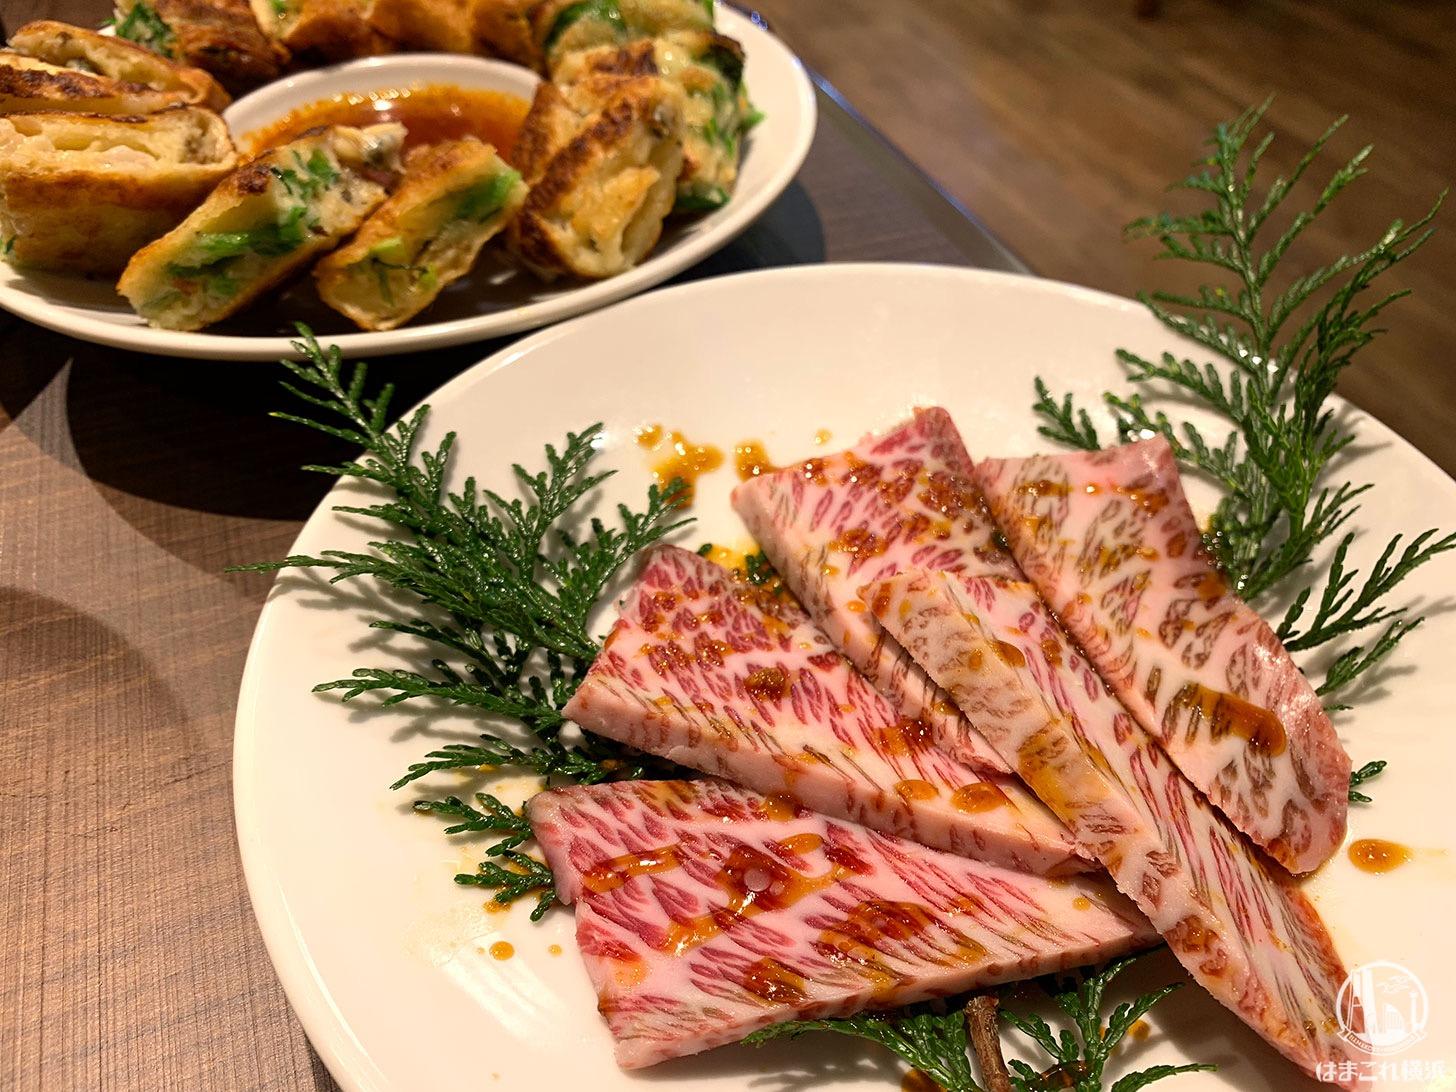 横浜駅 韓国の老舗店集まる「コラボ」で焼肉!本場のサムギョプサル、ダッカルビ